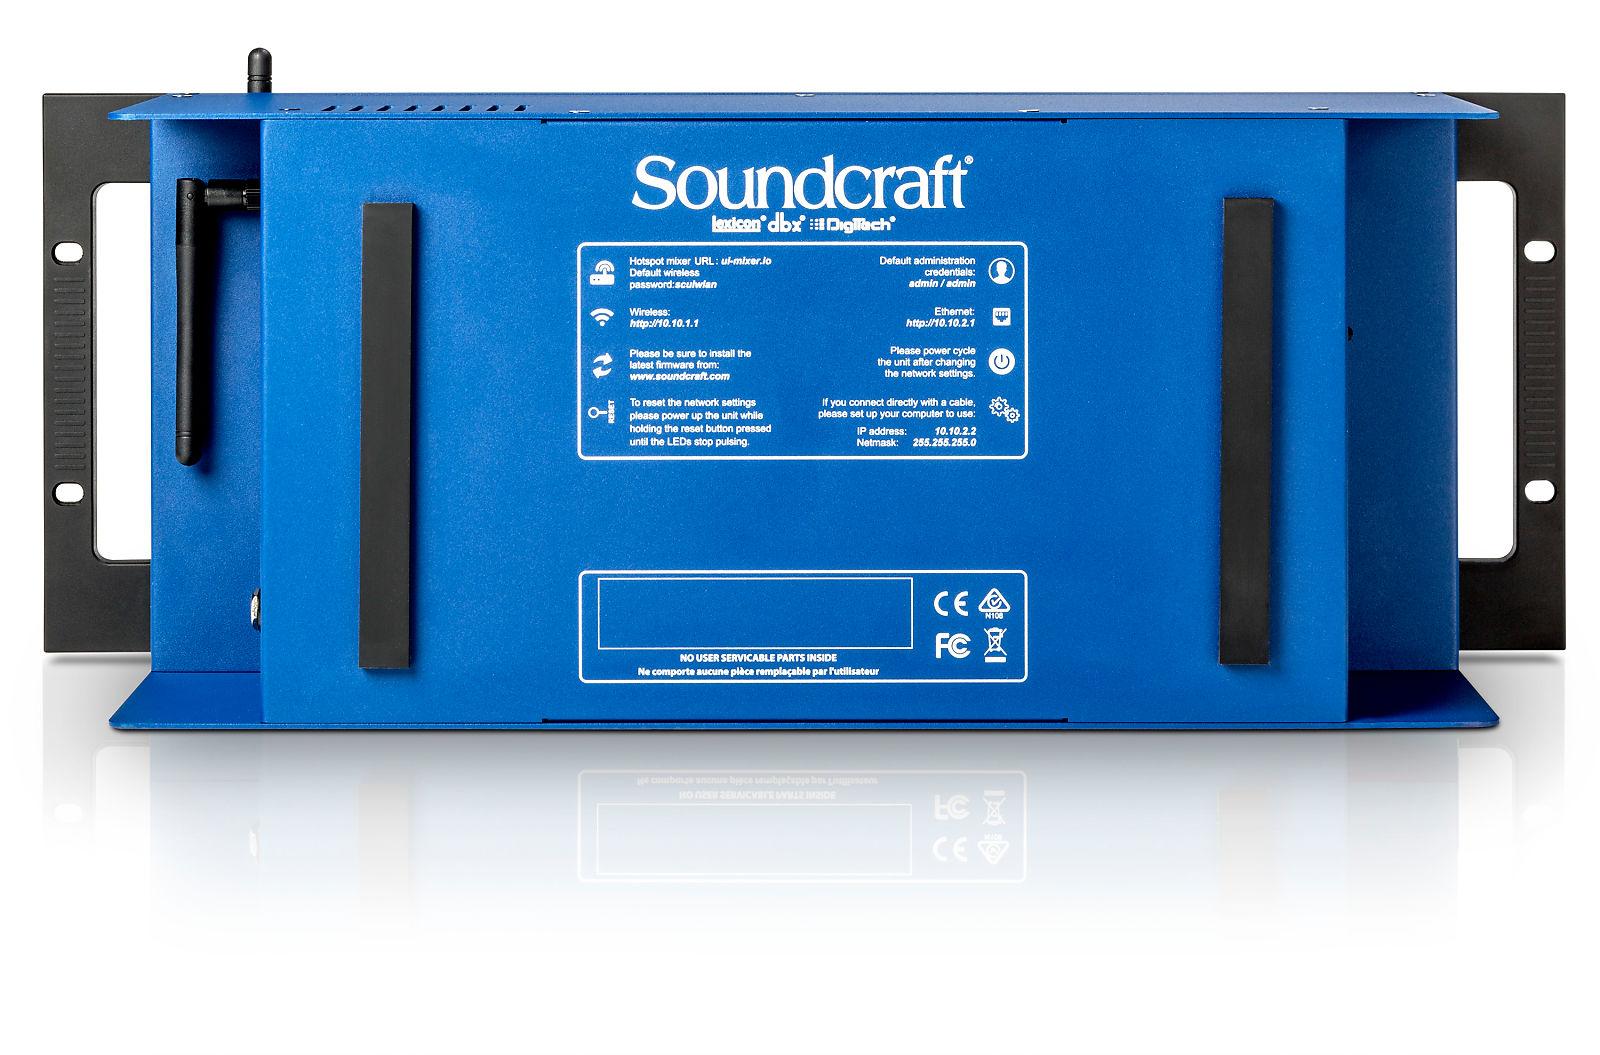 Soundcraft Ui24r Digital Mixer +Free AKG P5i Mic - NEW Authorized Dealer - NEXT DAY AIR Ship to USA!